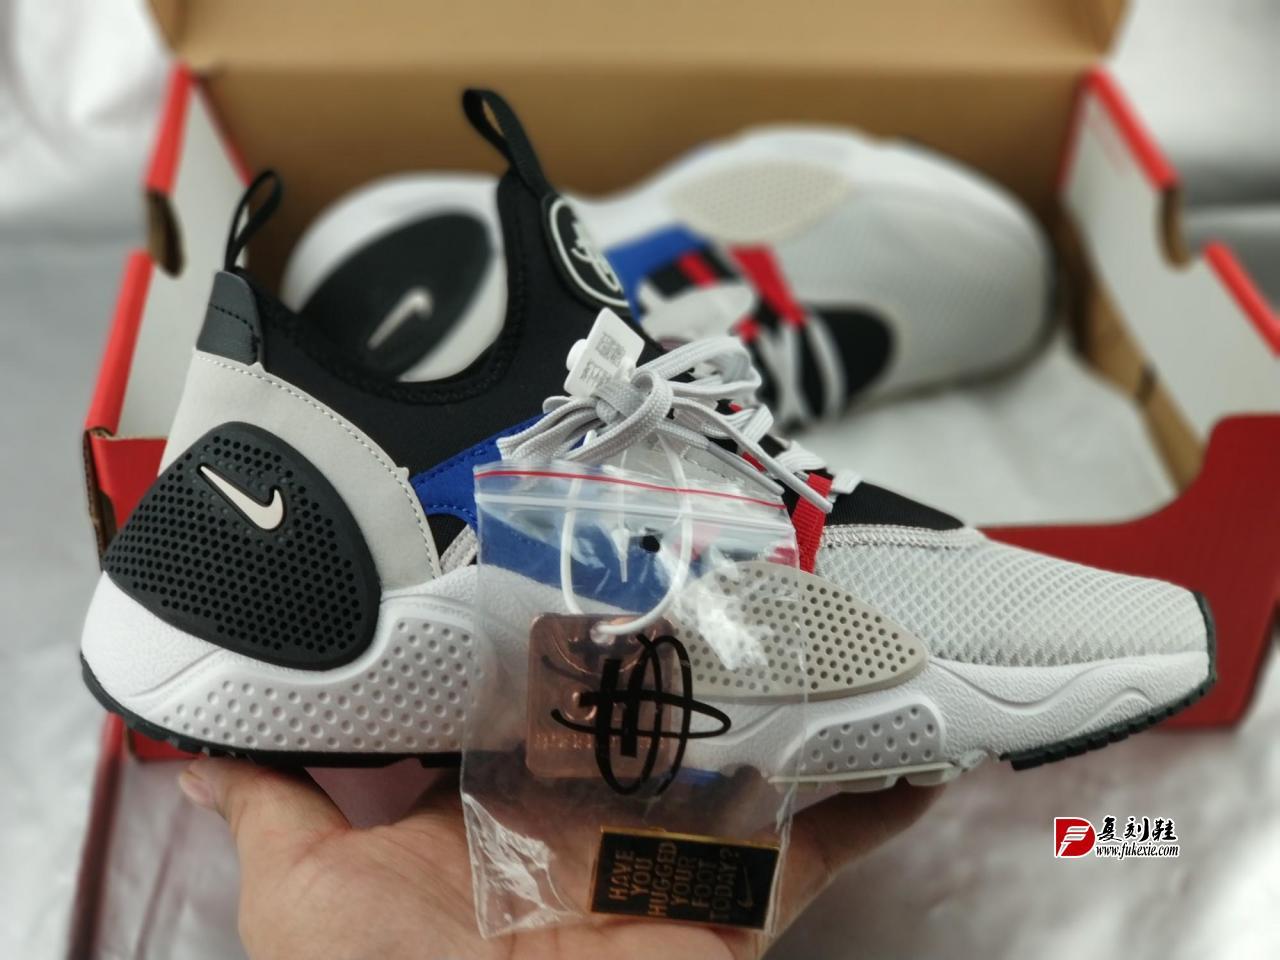 Nike Air Huarache E.D.G.E.TXT QS 019新款华莱士